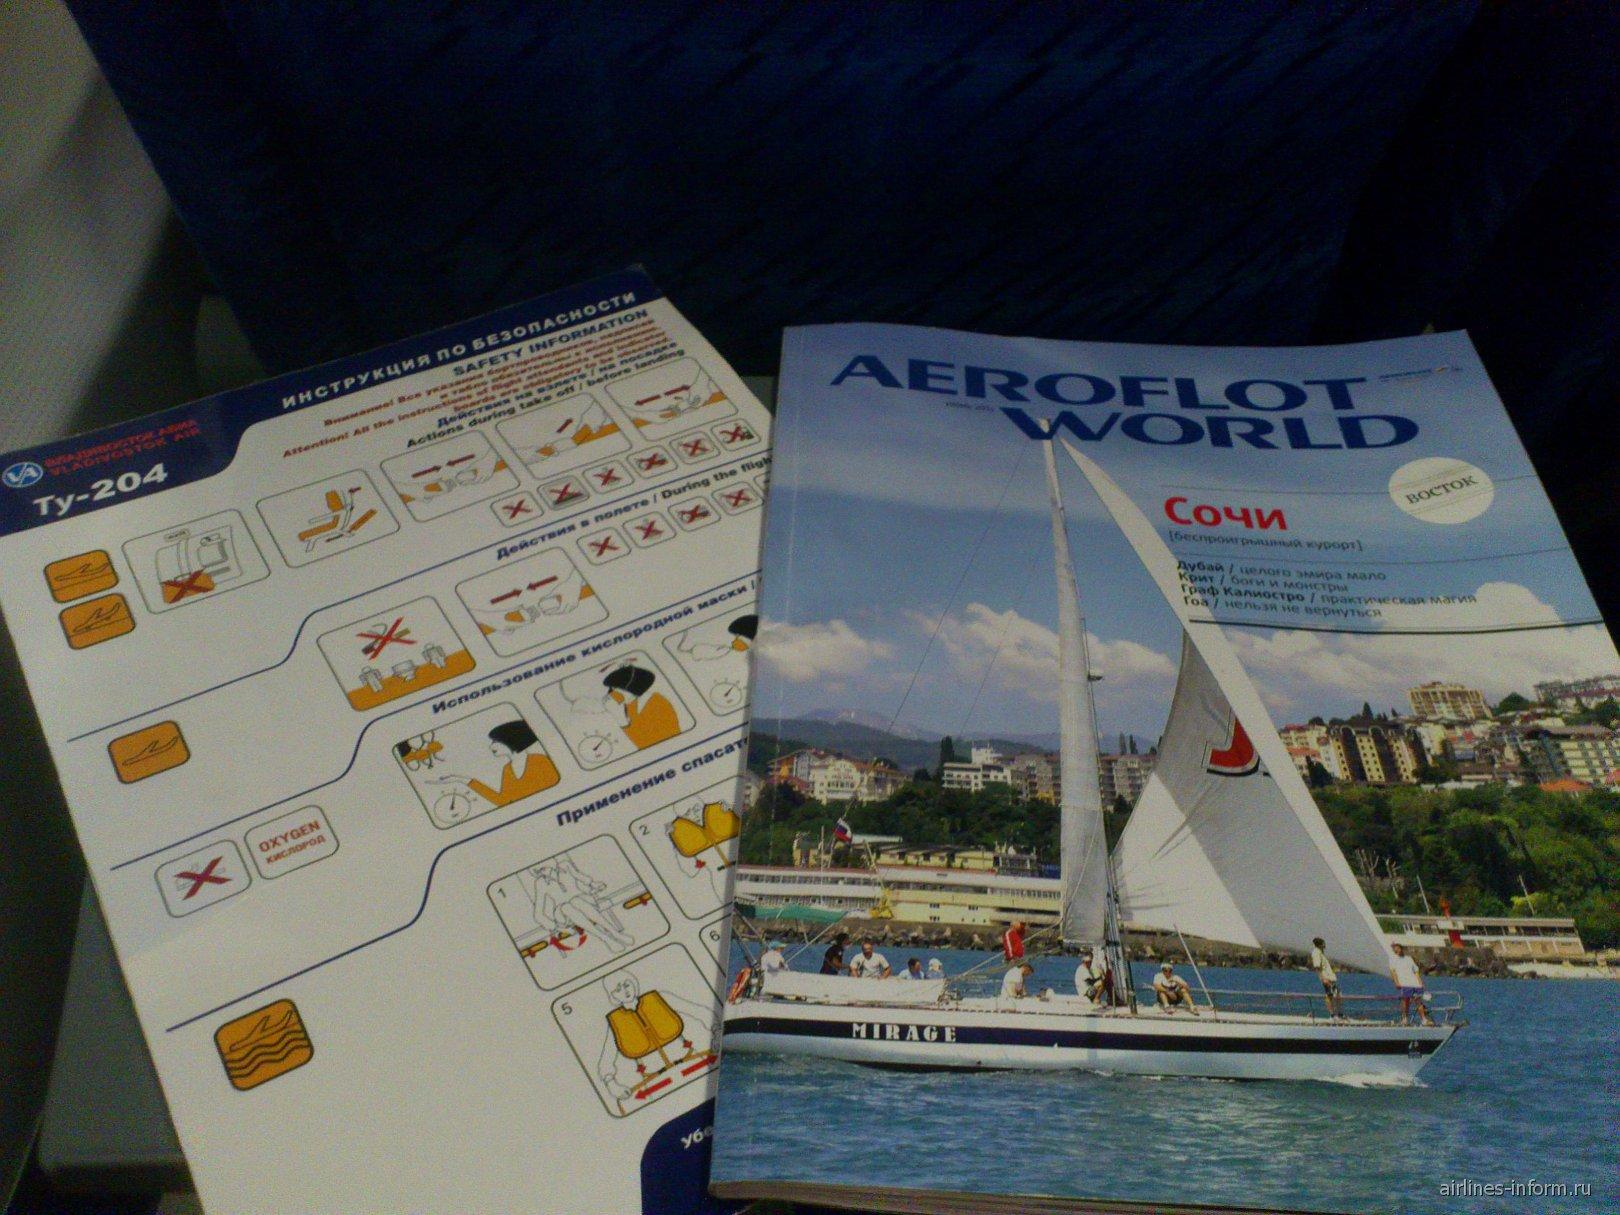 Журналы для пассажиров Владивосток авиа